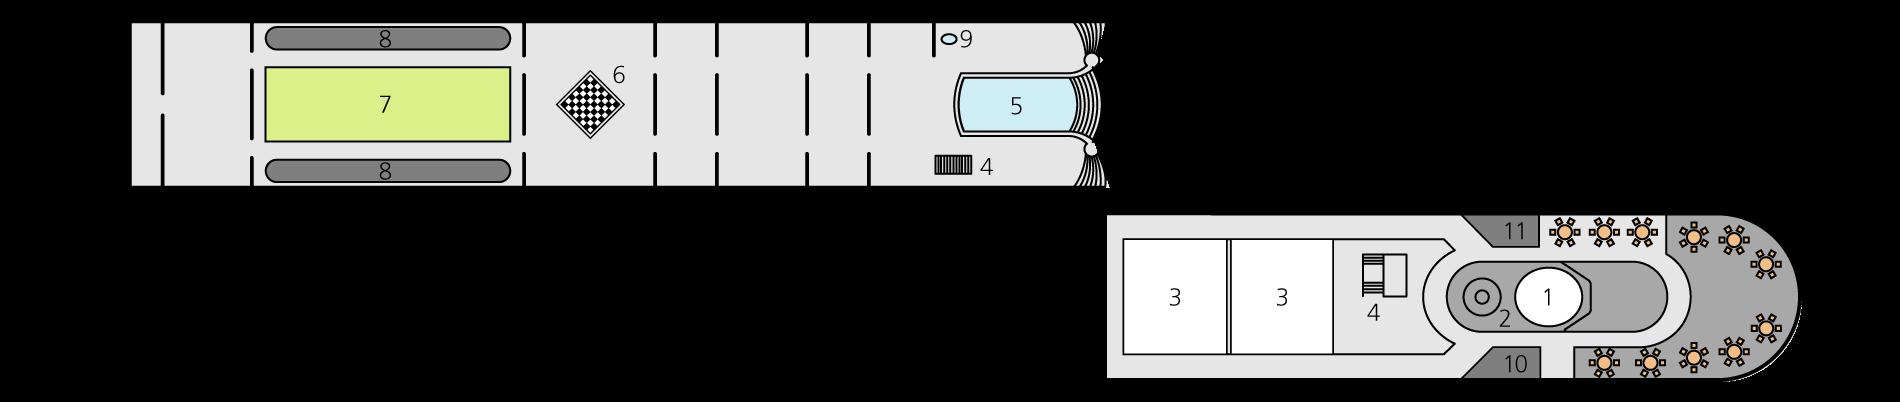 A-ROSA LUNA Deck 4